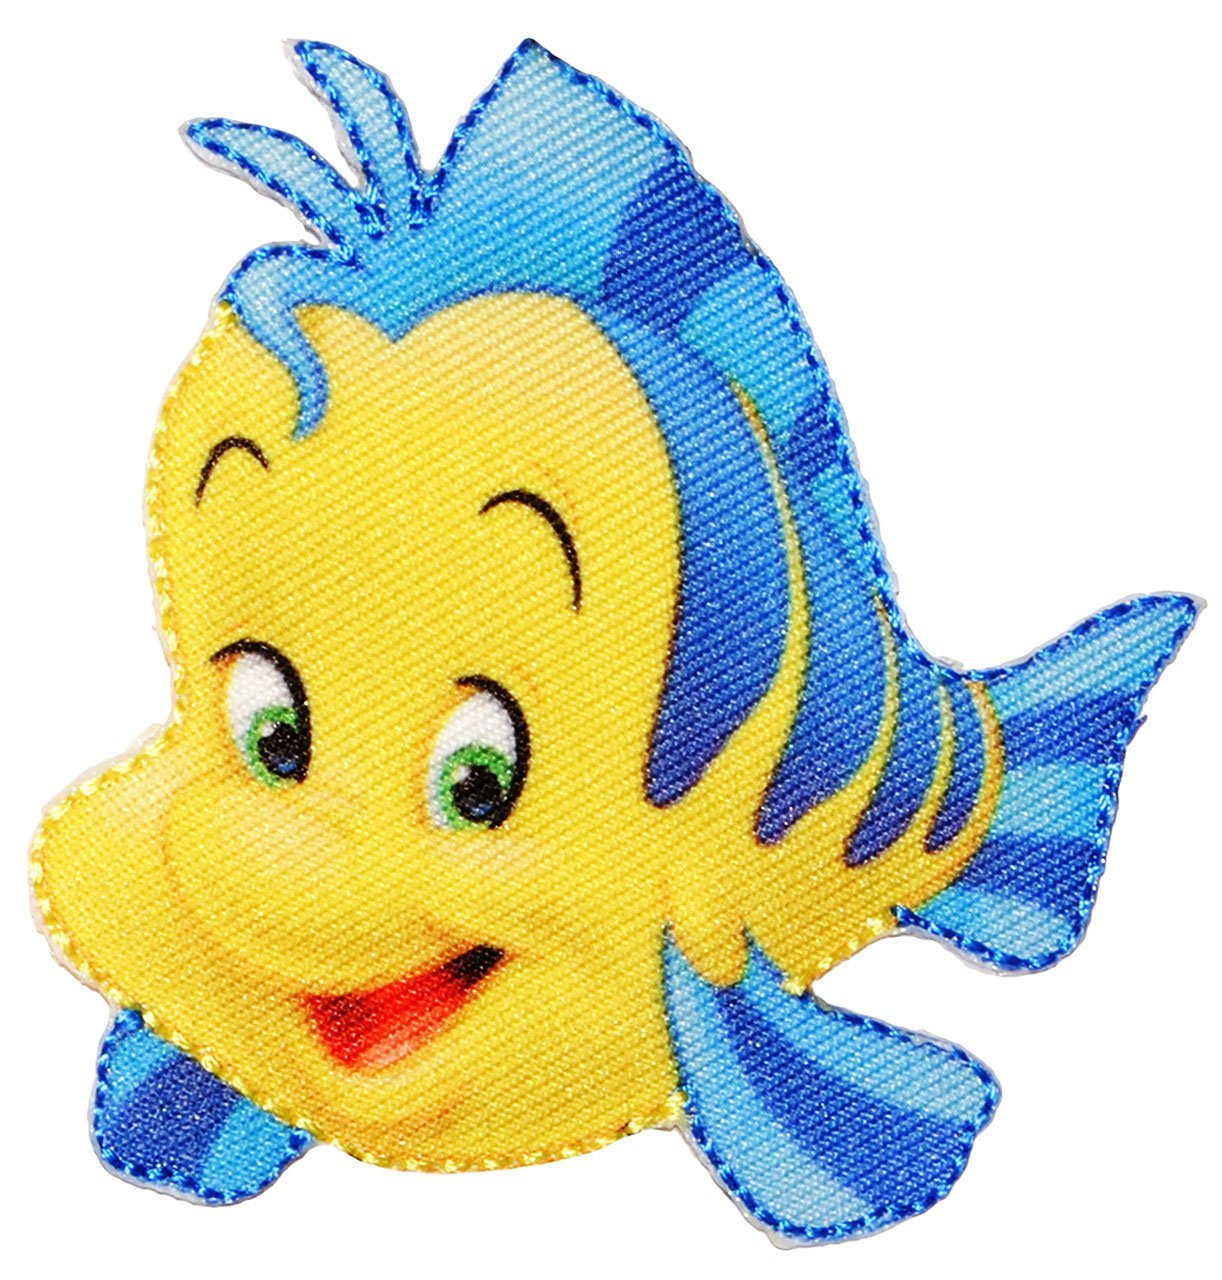 Fisch bei arielle